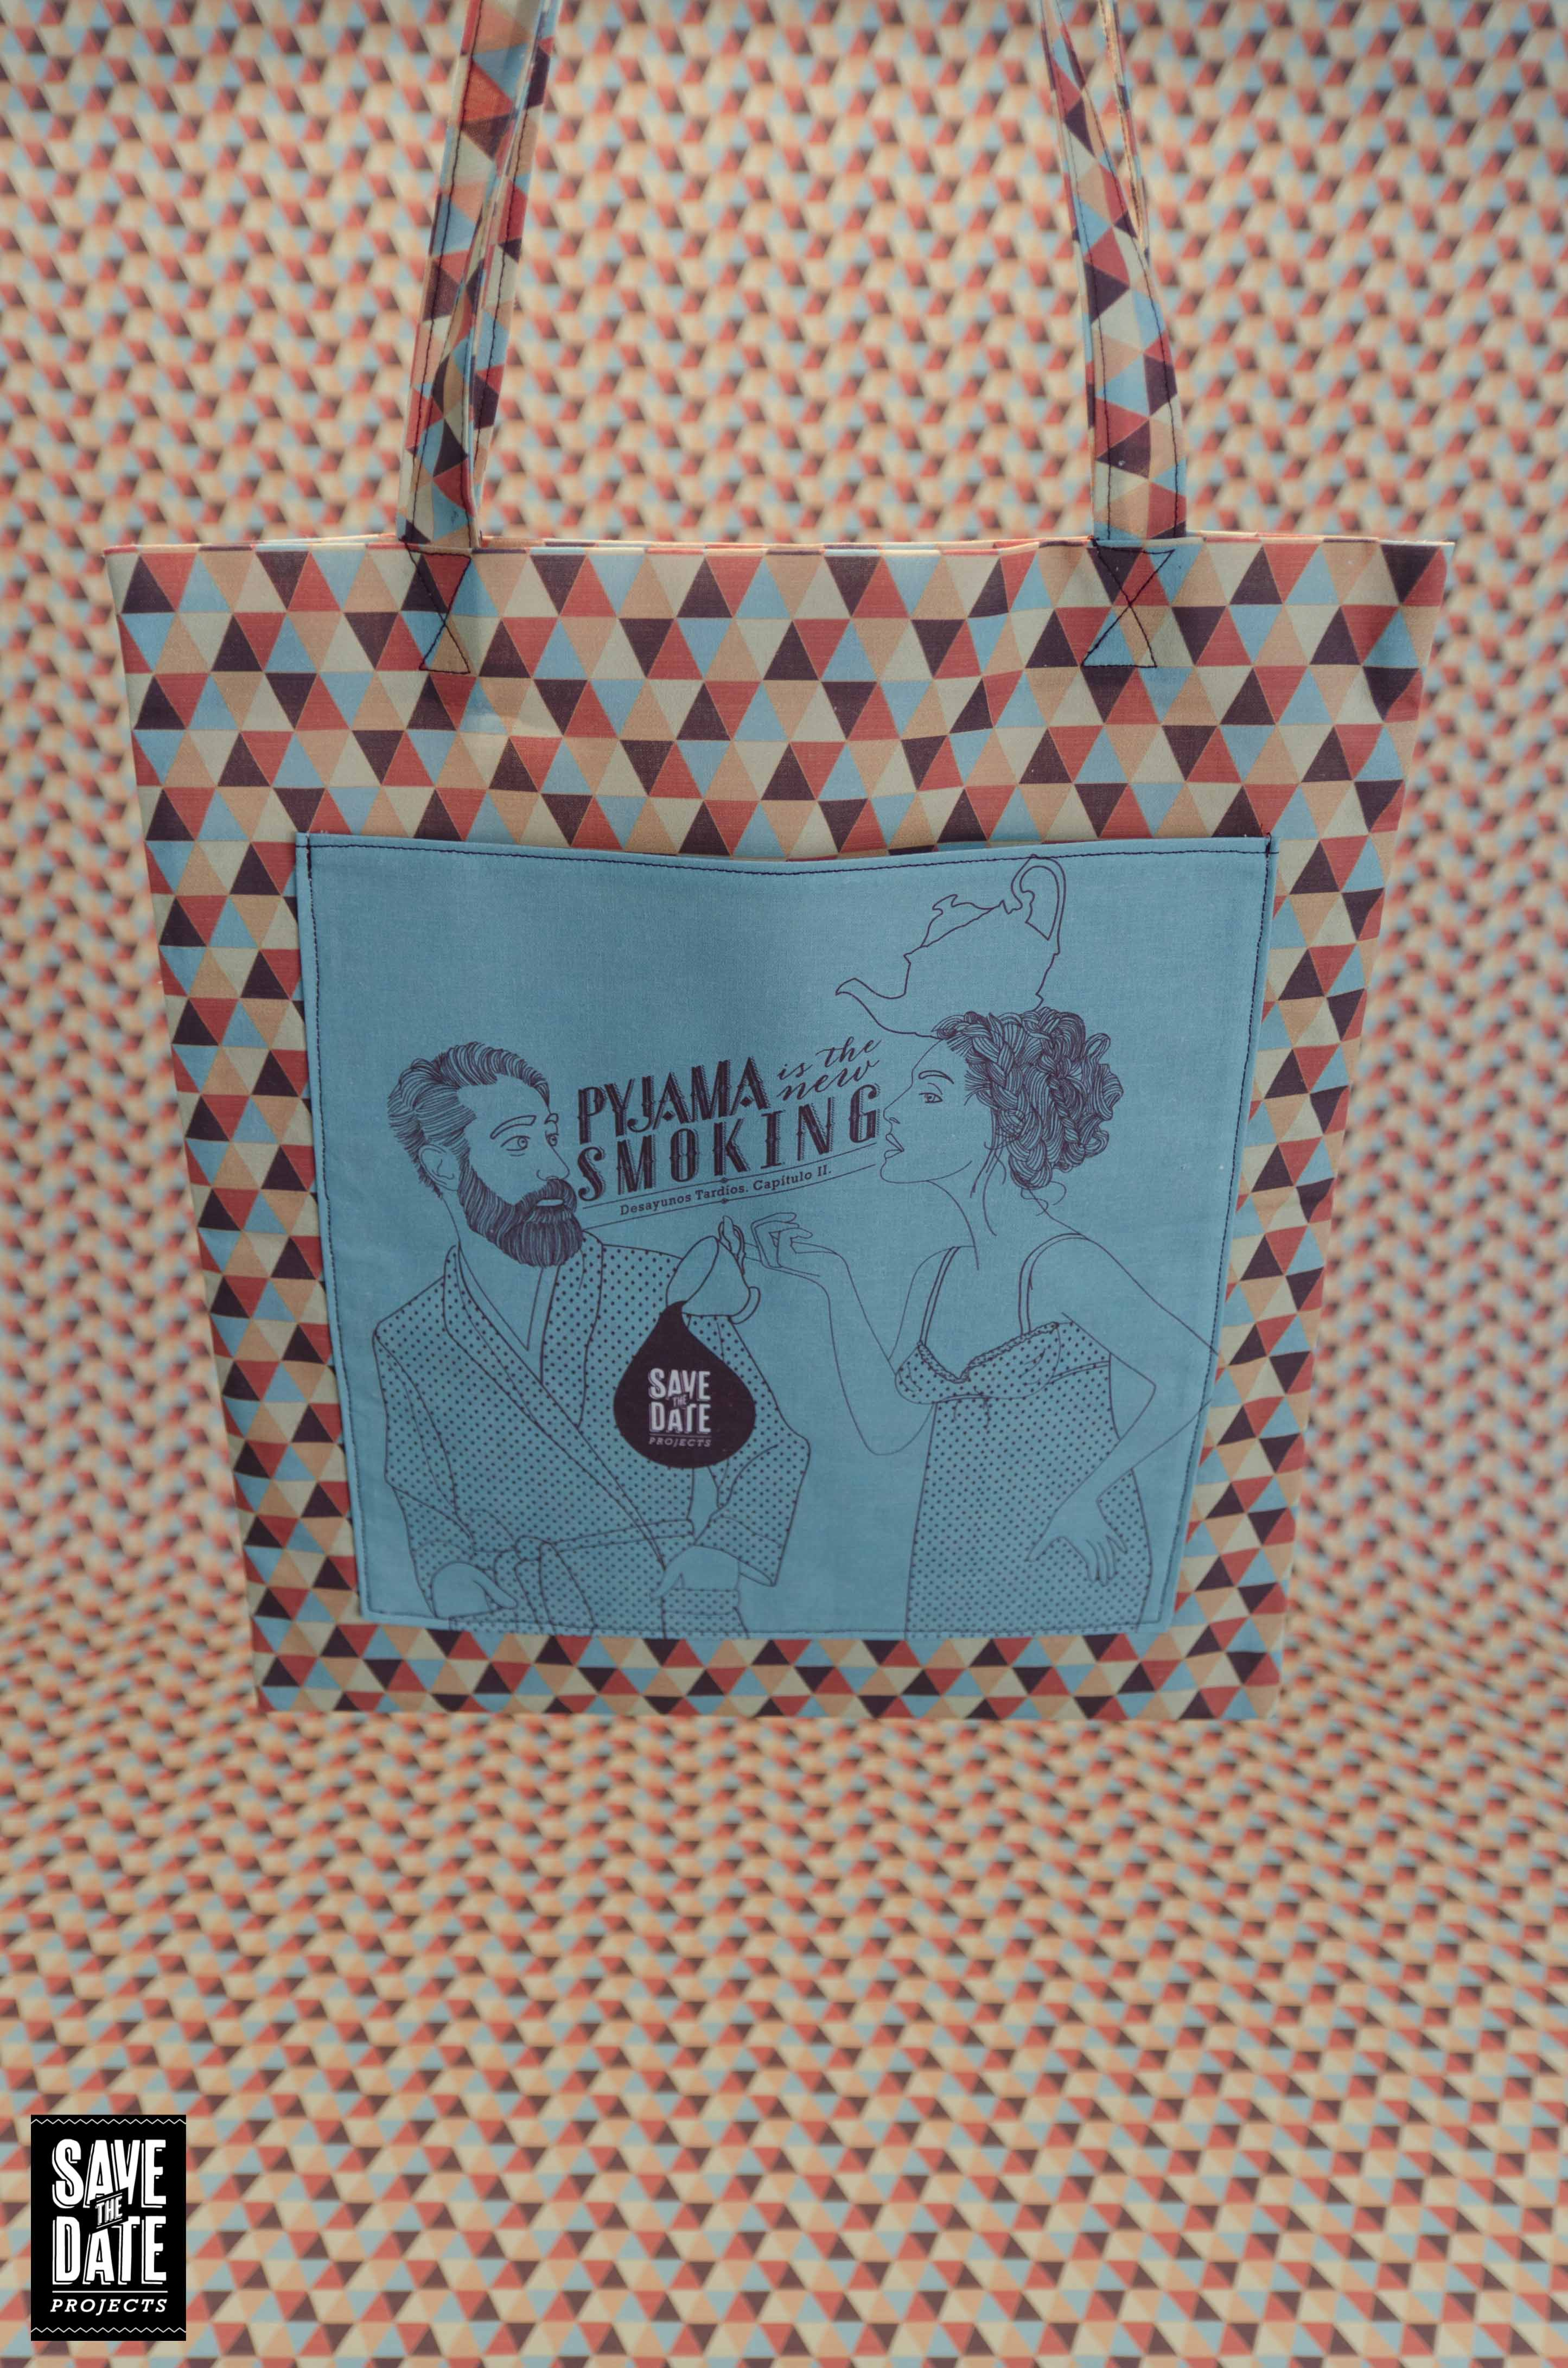 Save the date projects - Creación de bolsa de algodón hecha a mano - Tote bag